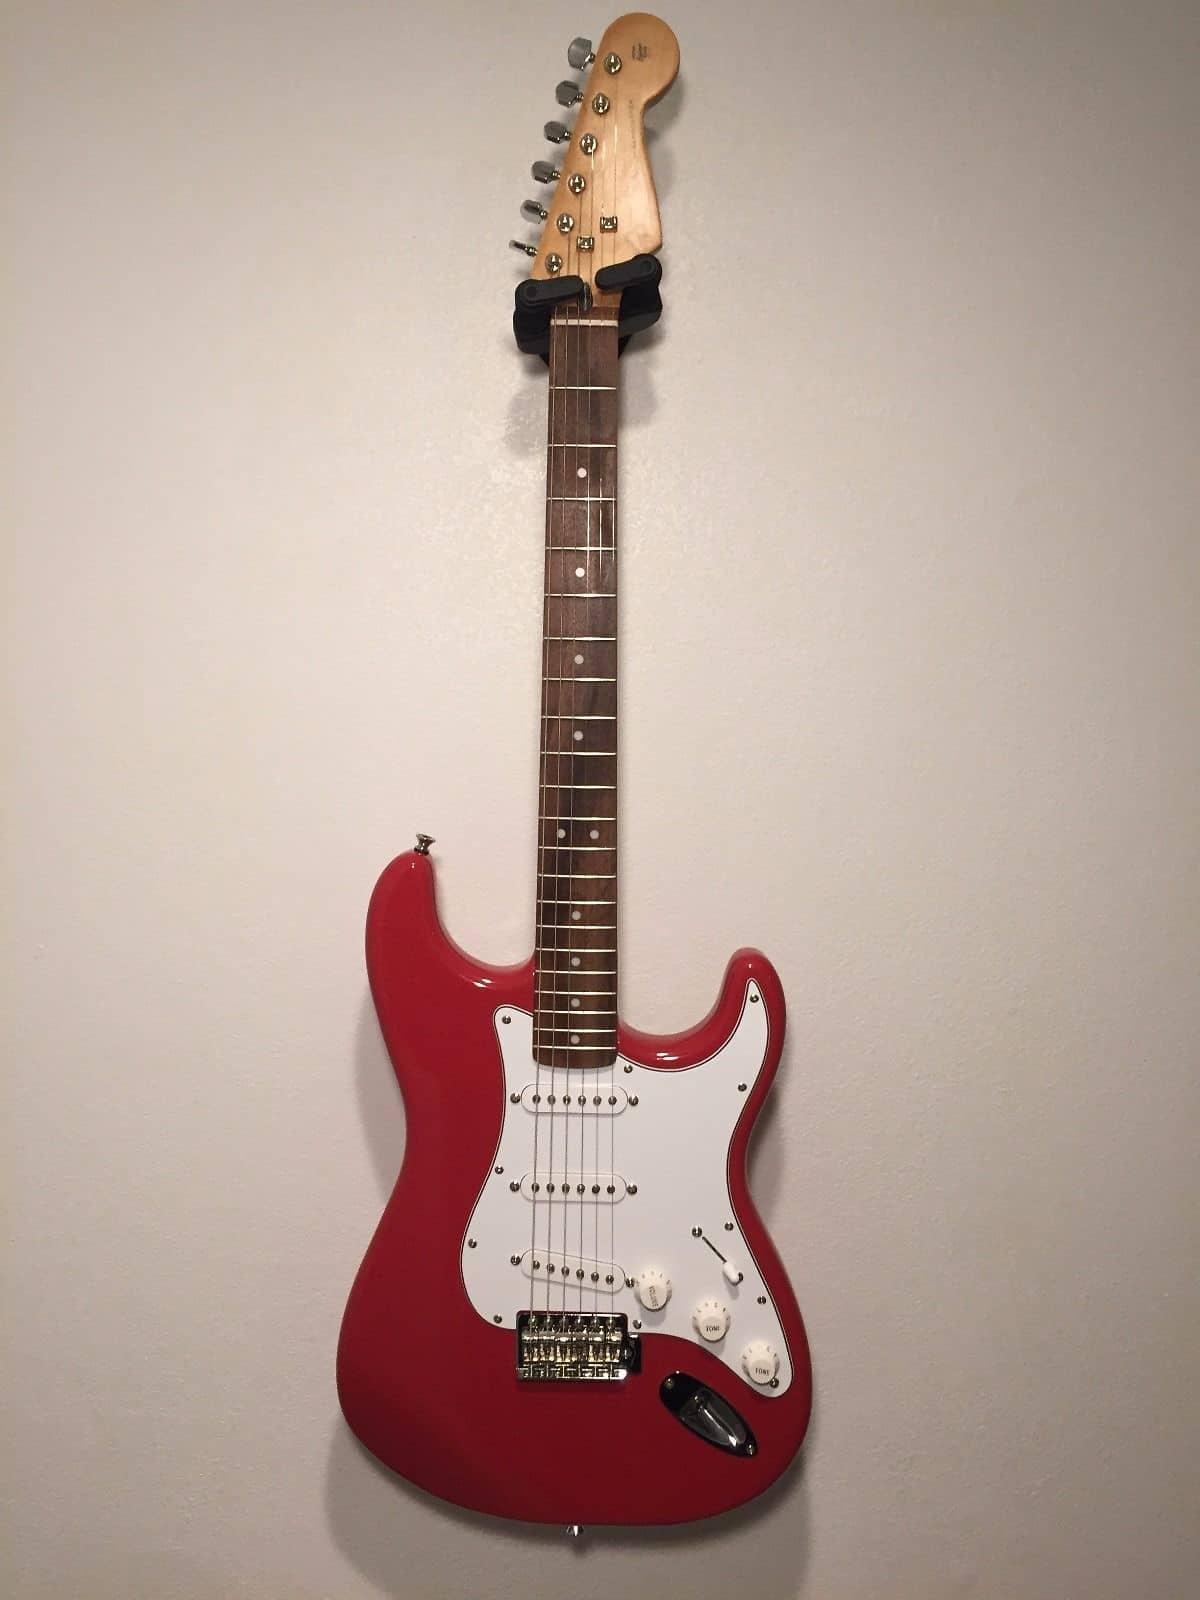 fiesta red fender stratocaster electric guitar reverb. Black Bedroom Furniture Sets. Home Design Ideas